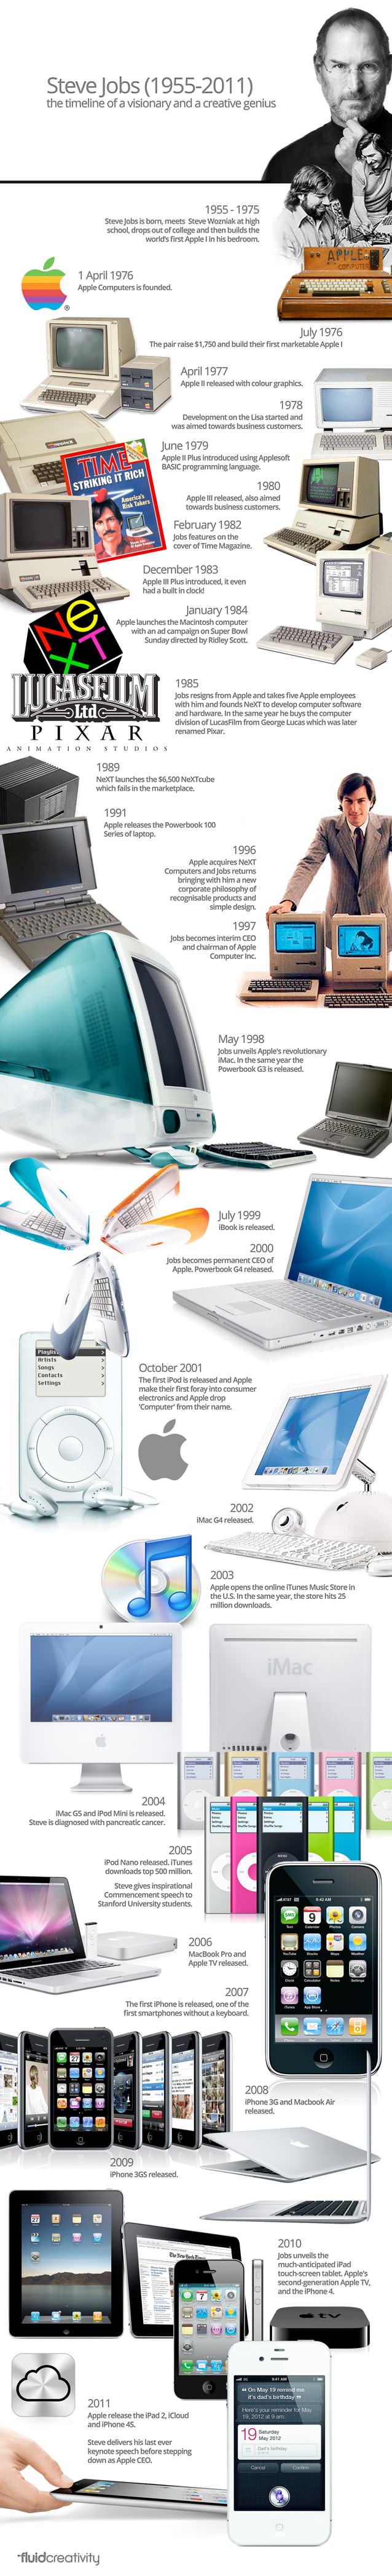 Timeline de las creaciones de Steve Jobs